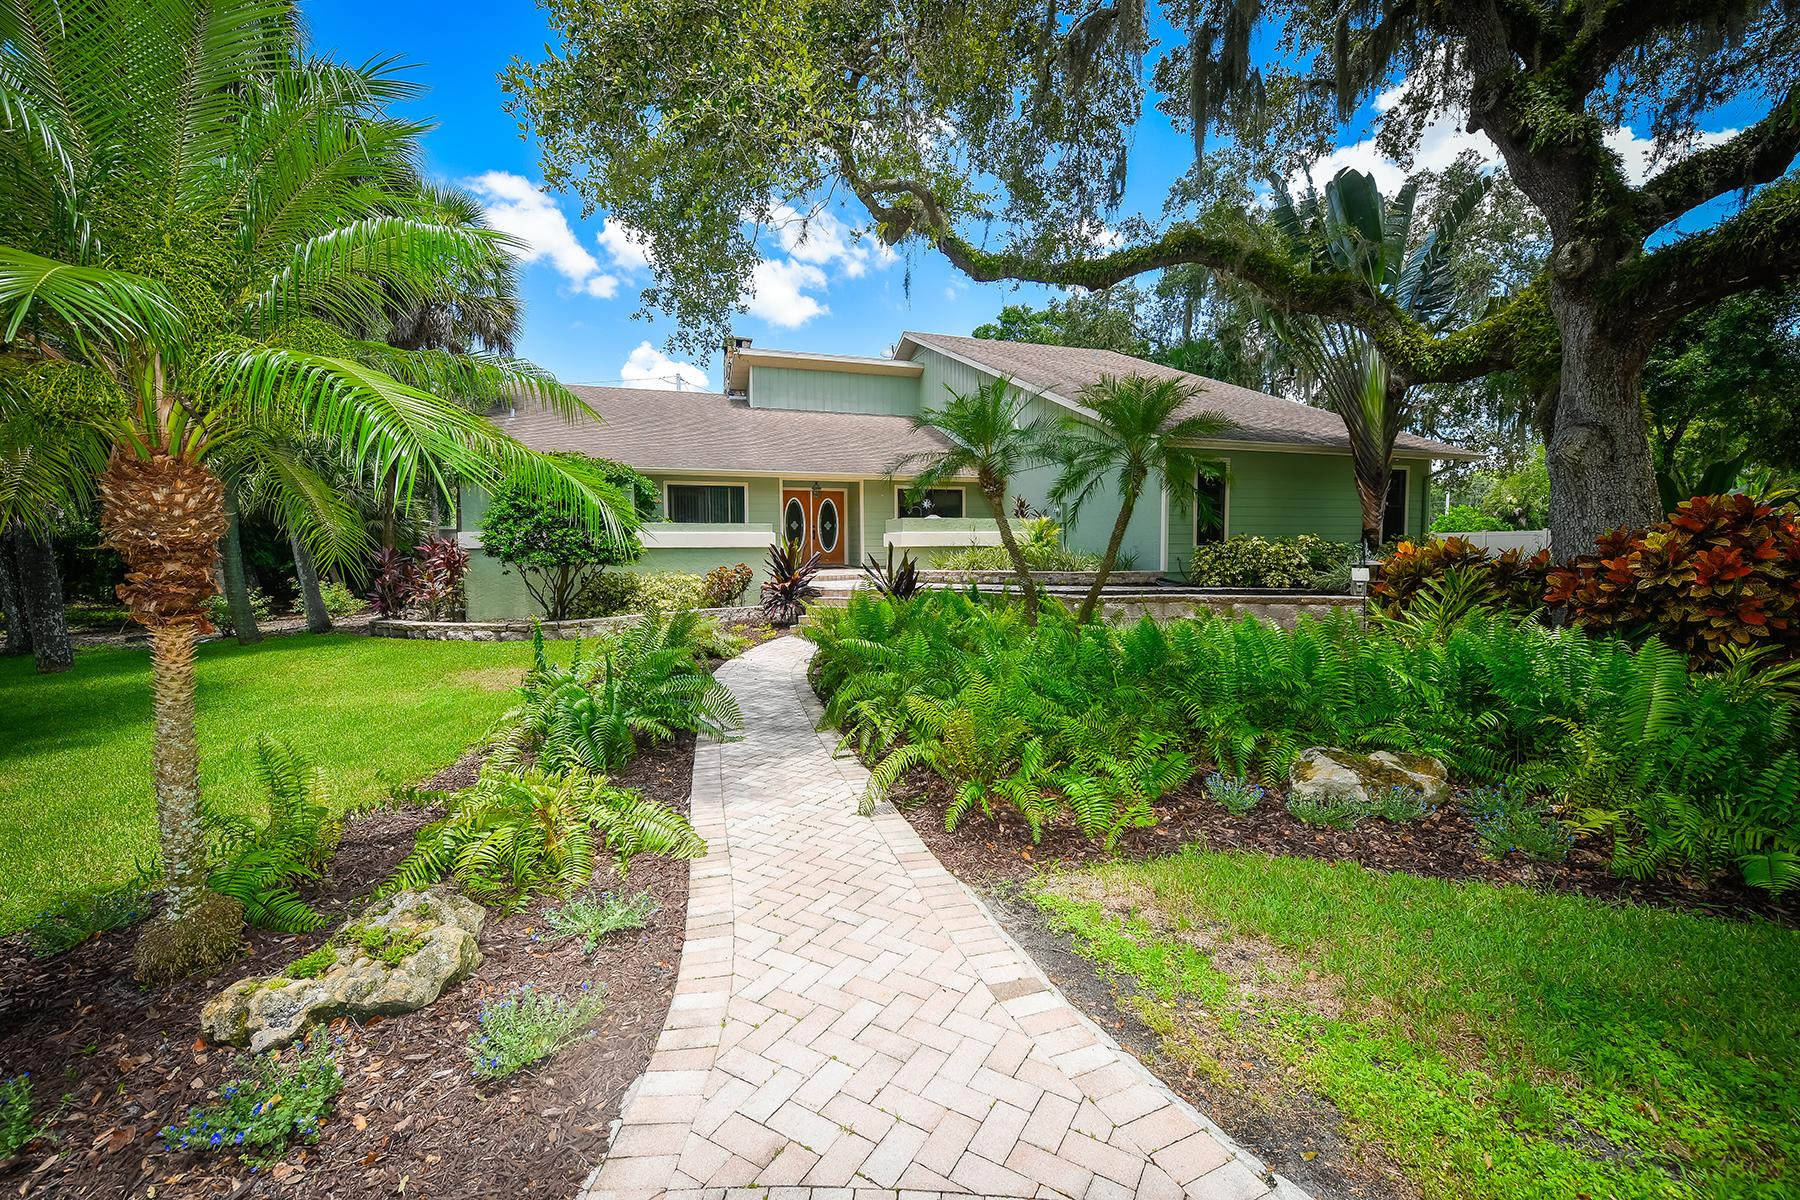 独户住宅 为 销售 在 HIDDEN OAKS ESTATES 4721 Stone Ridge Trl, 萨拉索塔, 佛罗里达州, 34232 美国